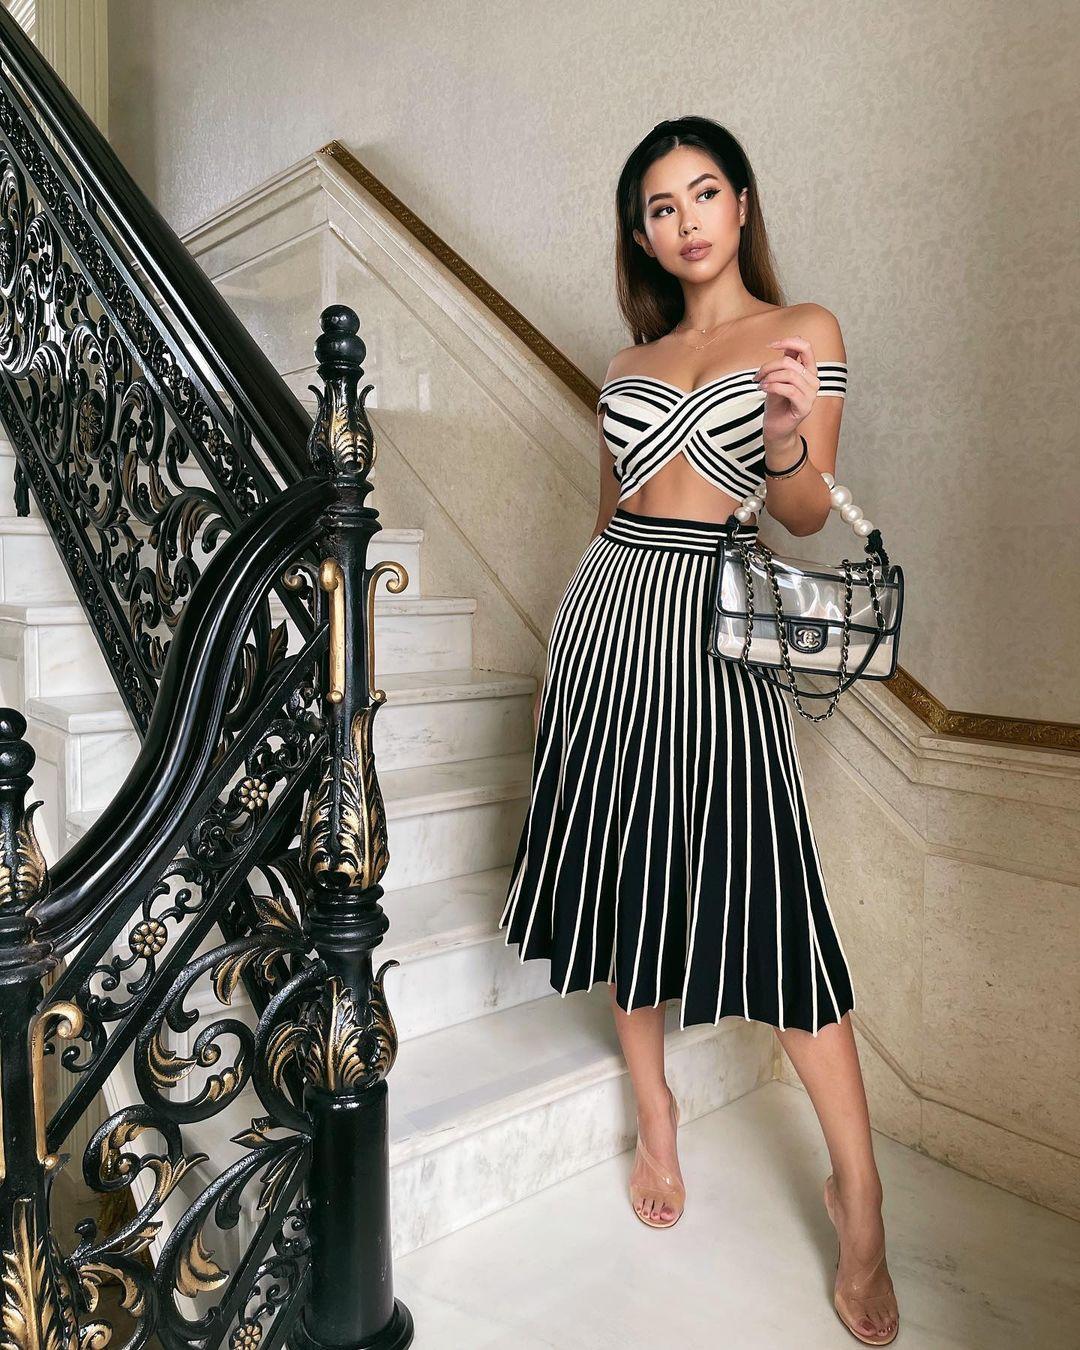 Đẳng cấp thời trang của em chồng Hà Tăng: Diện loạt váy áo cắt xẻ táo bạo đến màu mè rối mắt mà vẫn sang vô cùng - Ảnh 1.